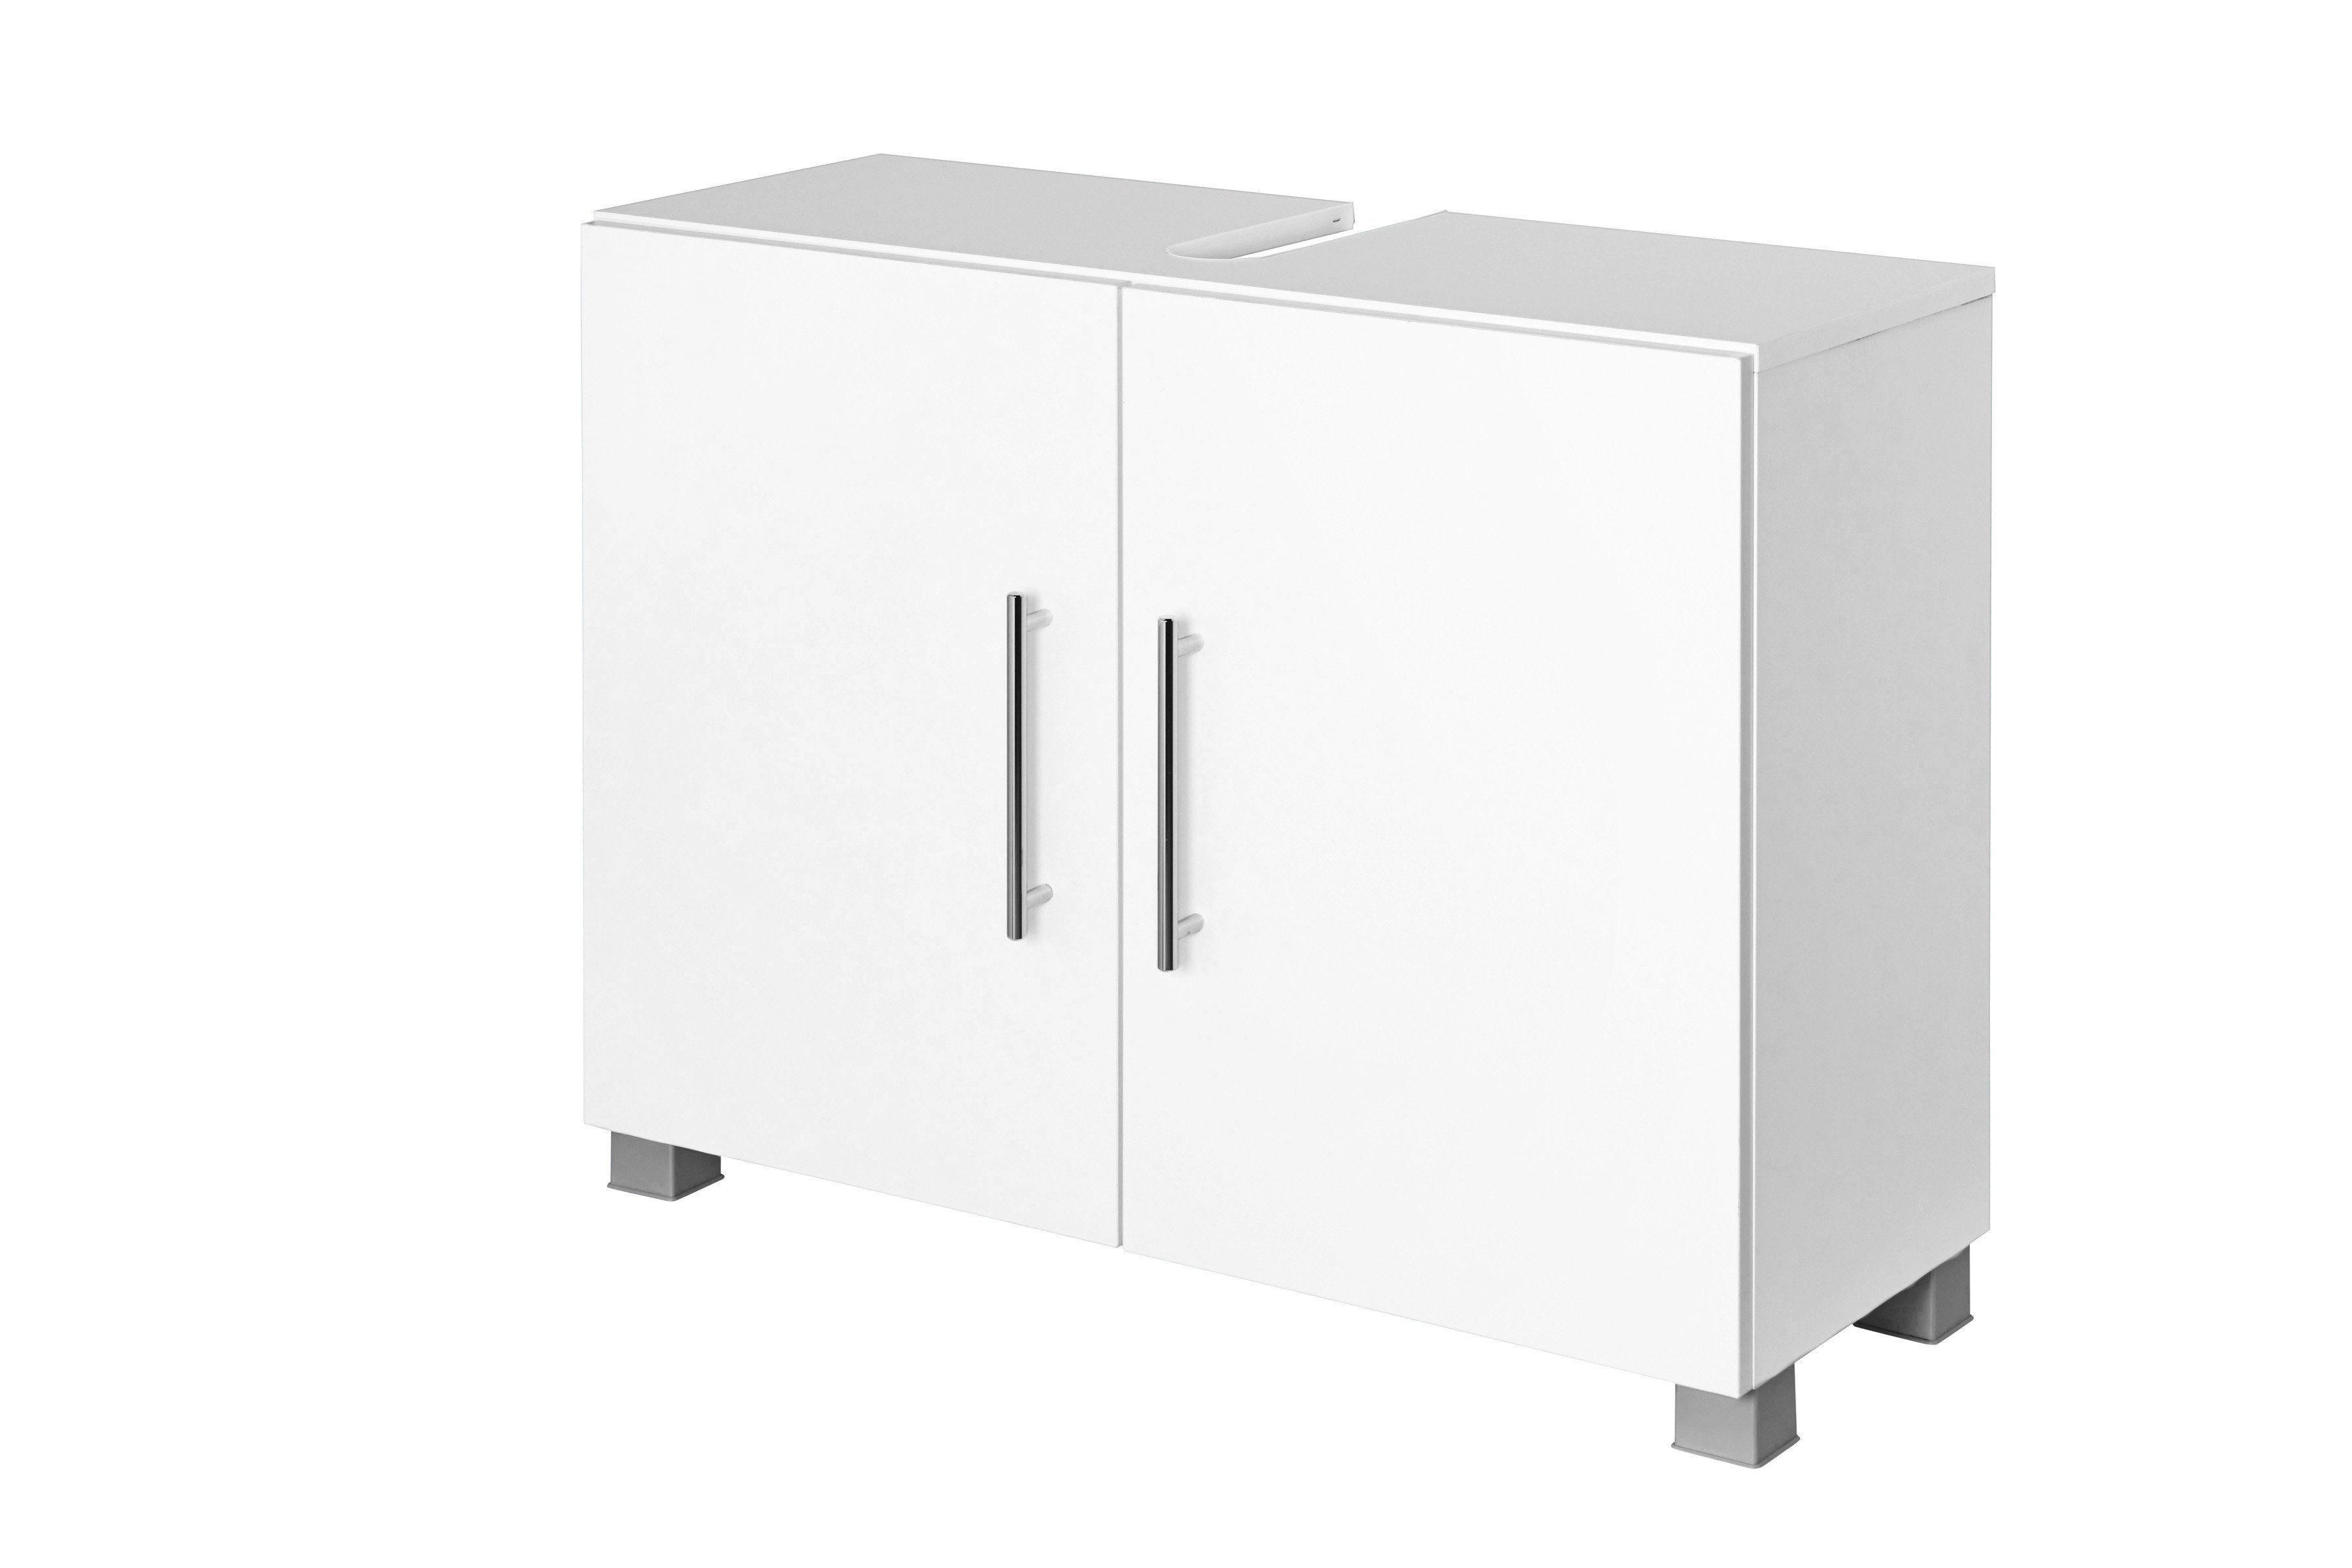 Frisch Kesper Waschbeckenunterschrank, Breite 80 cm | OTTO KD63